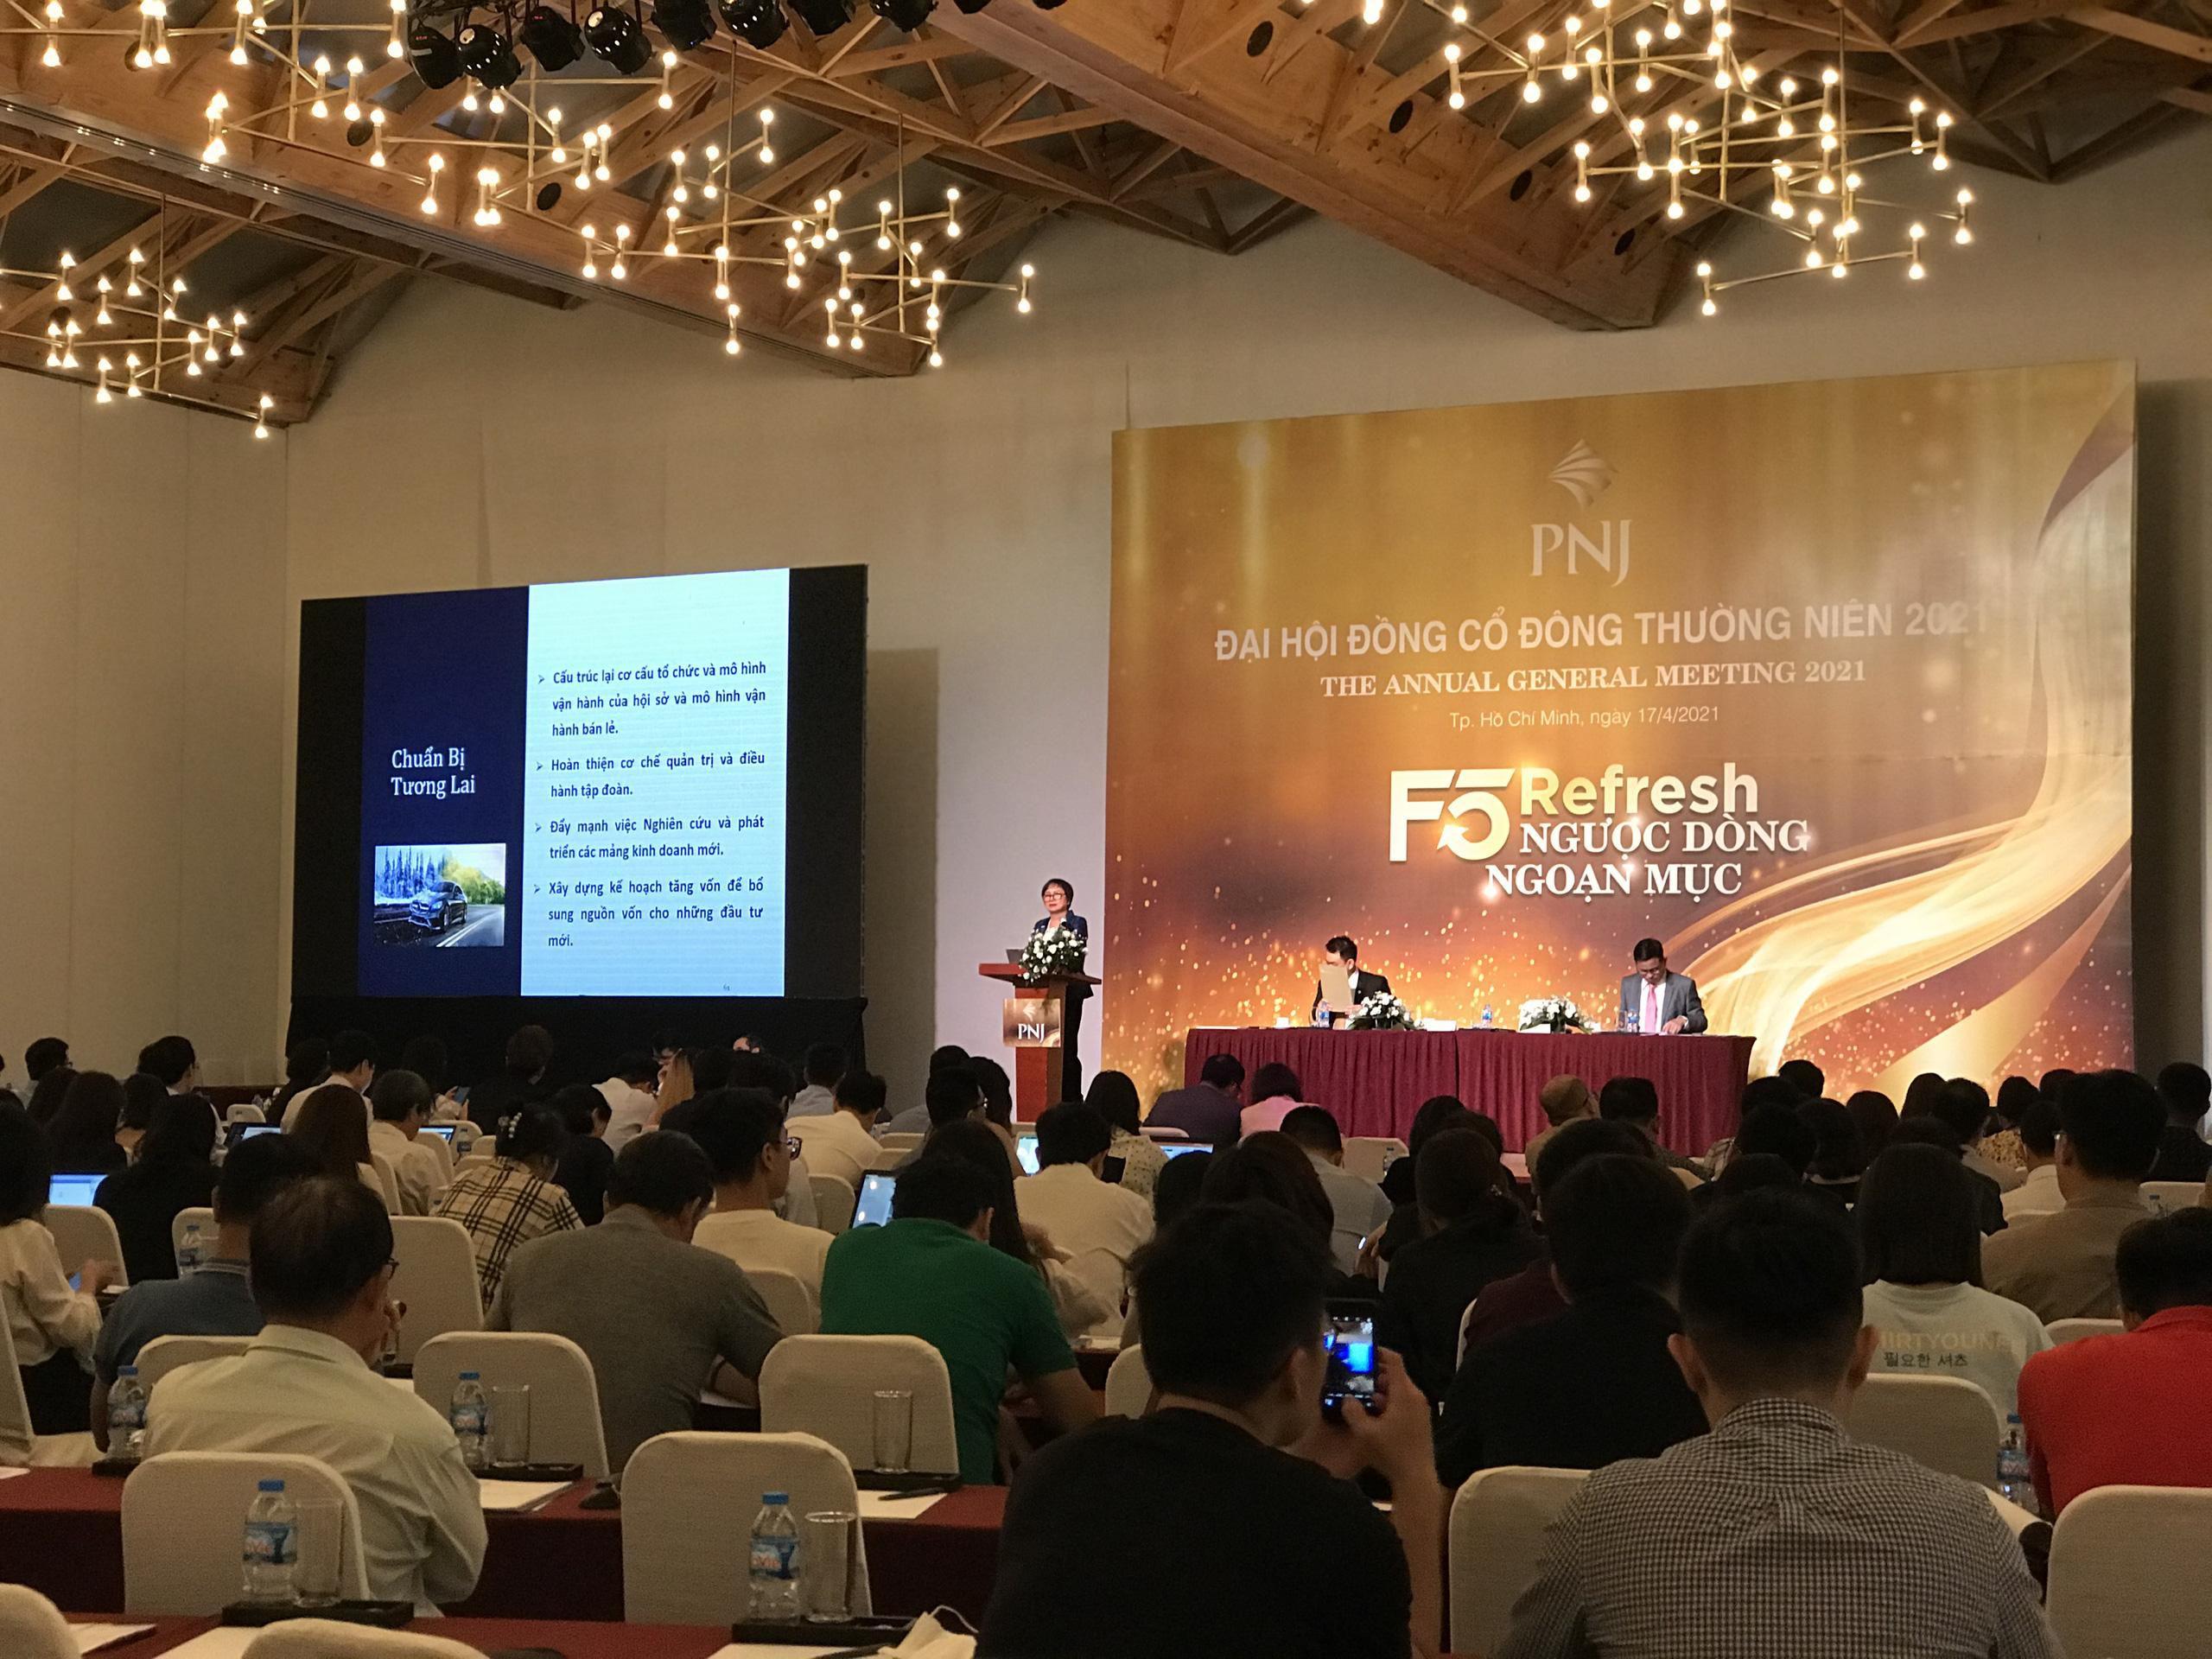 PNJ đẩy mạnh bán lẻ trang sức, lợi nhuận dự kiến 1.532 tỷ đồng năm 2021 Ảnh 2